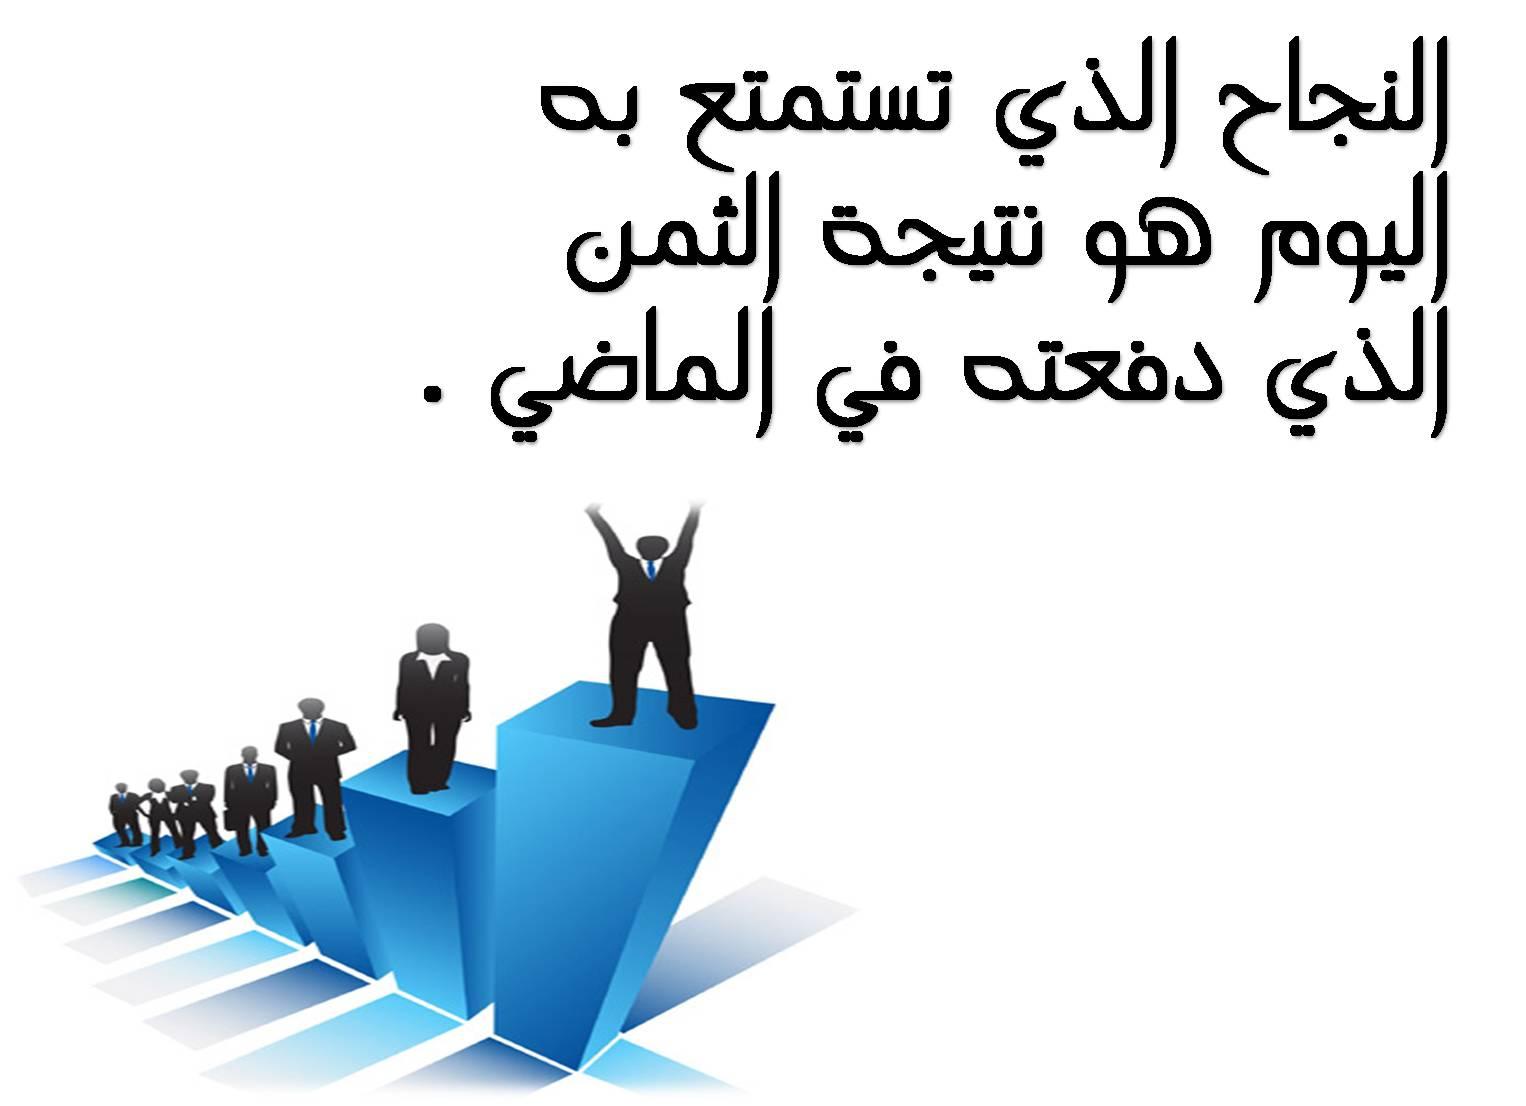 صورة عبارة عن النجاح , كلمات وعبارات عن النجاح والطموح